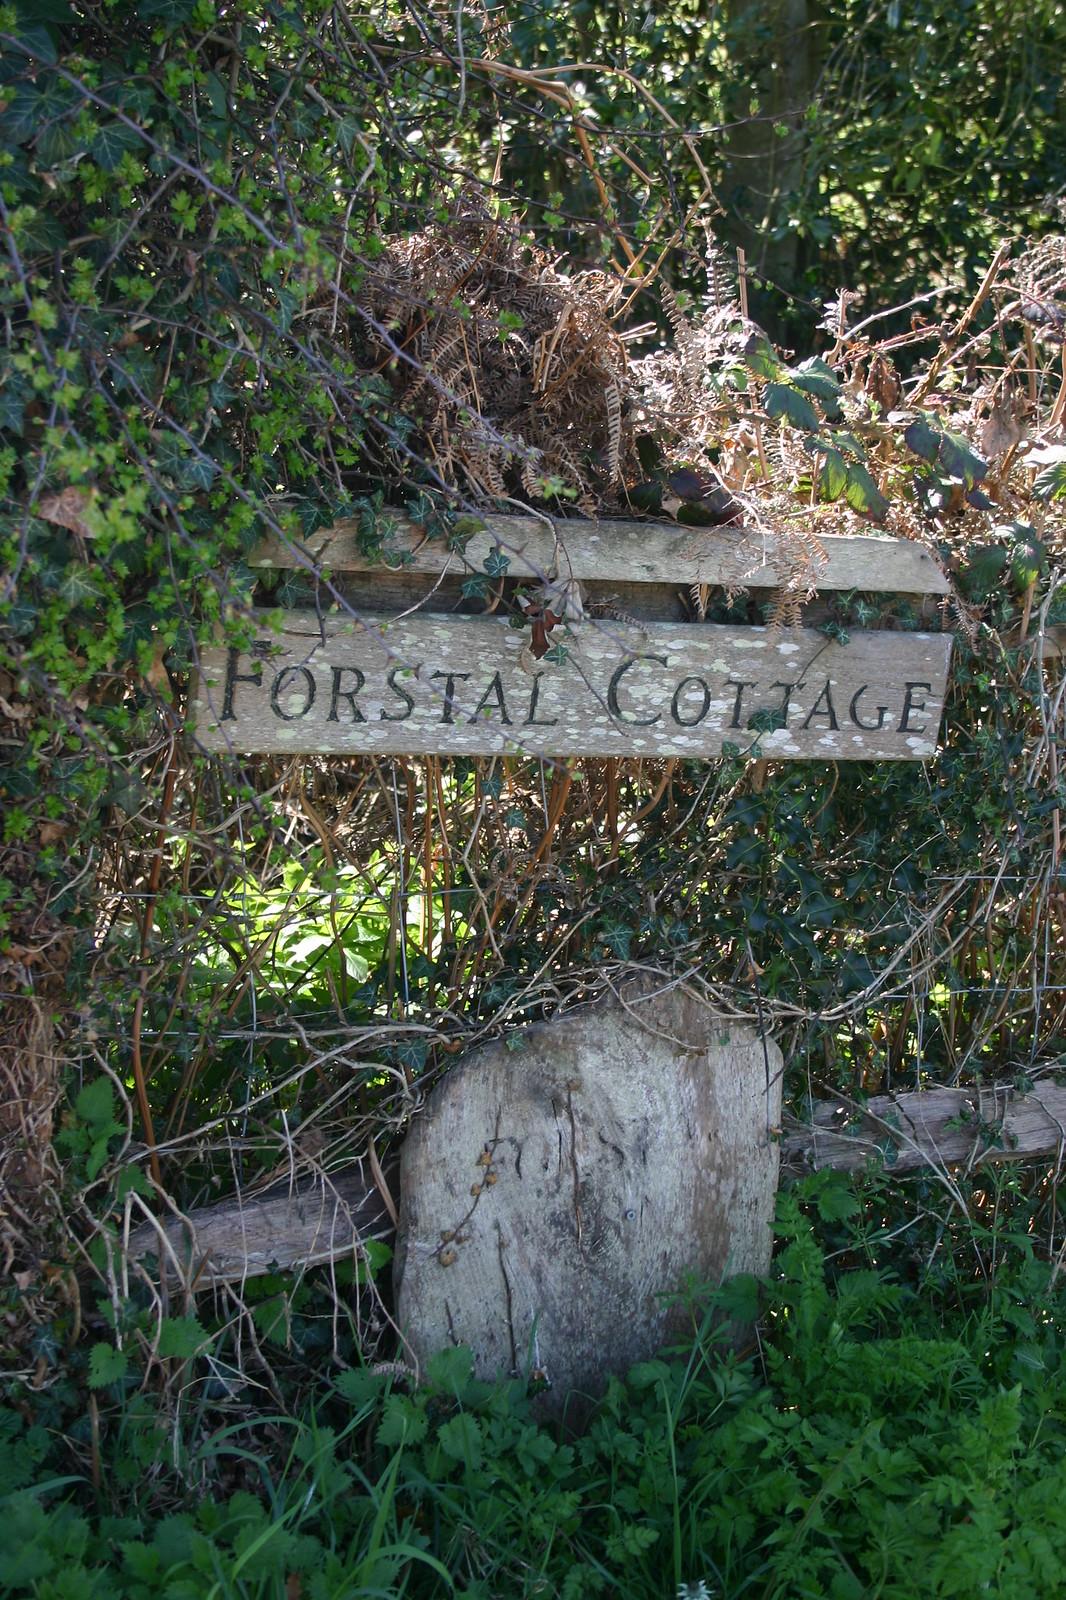 Forstal Cottage sign